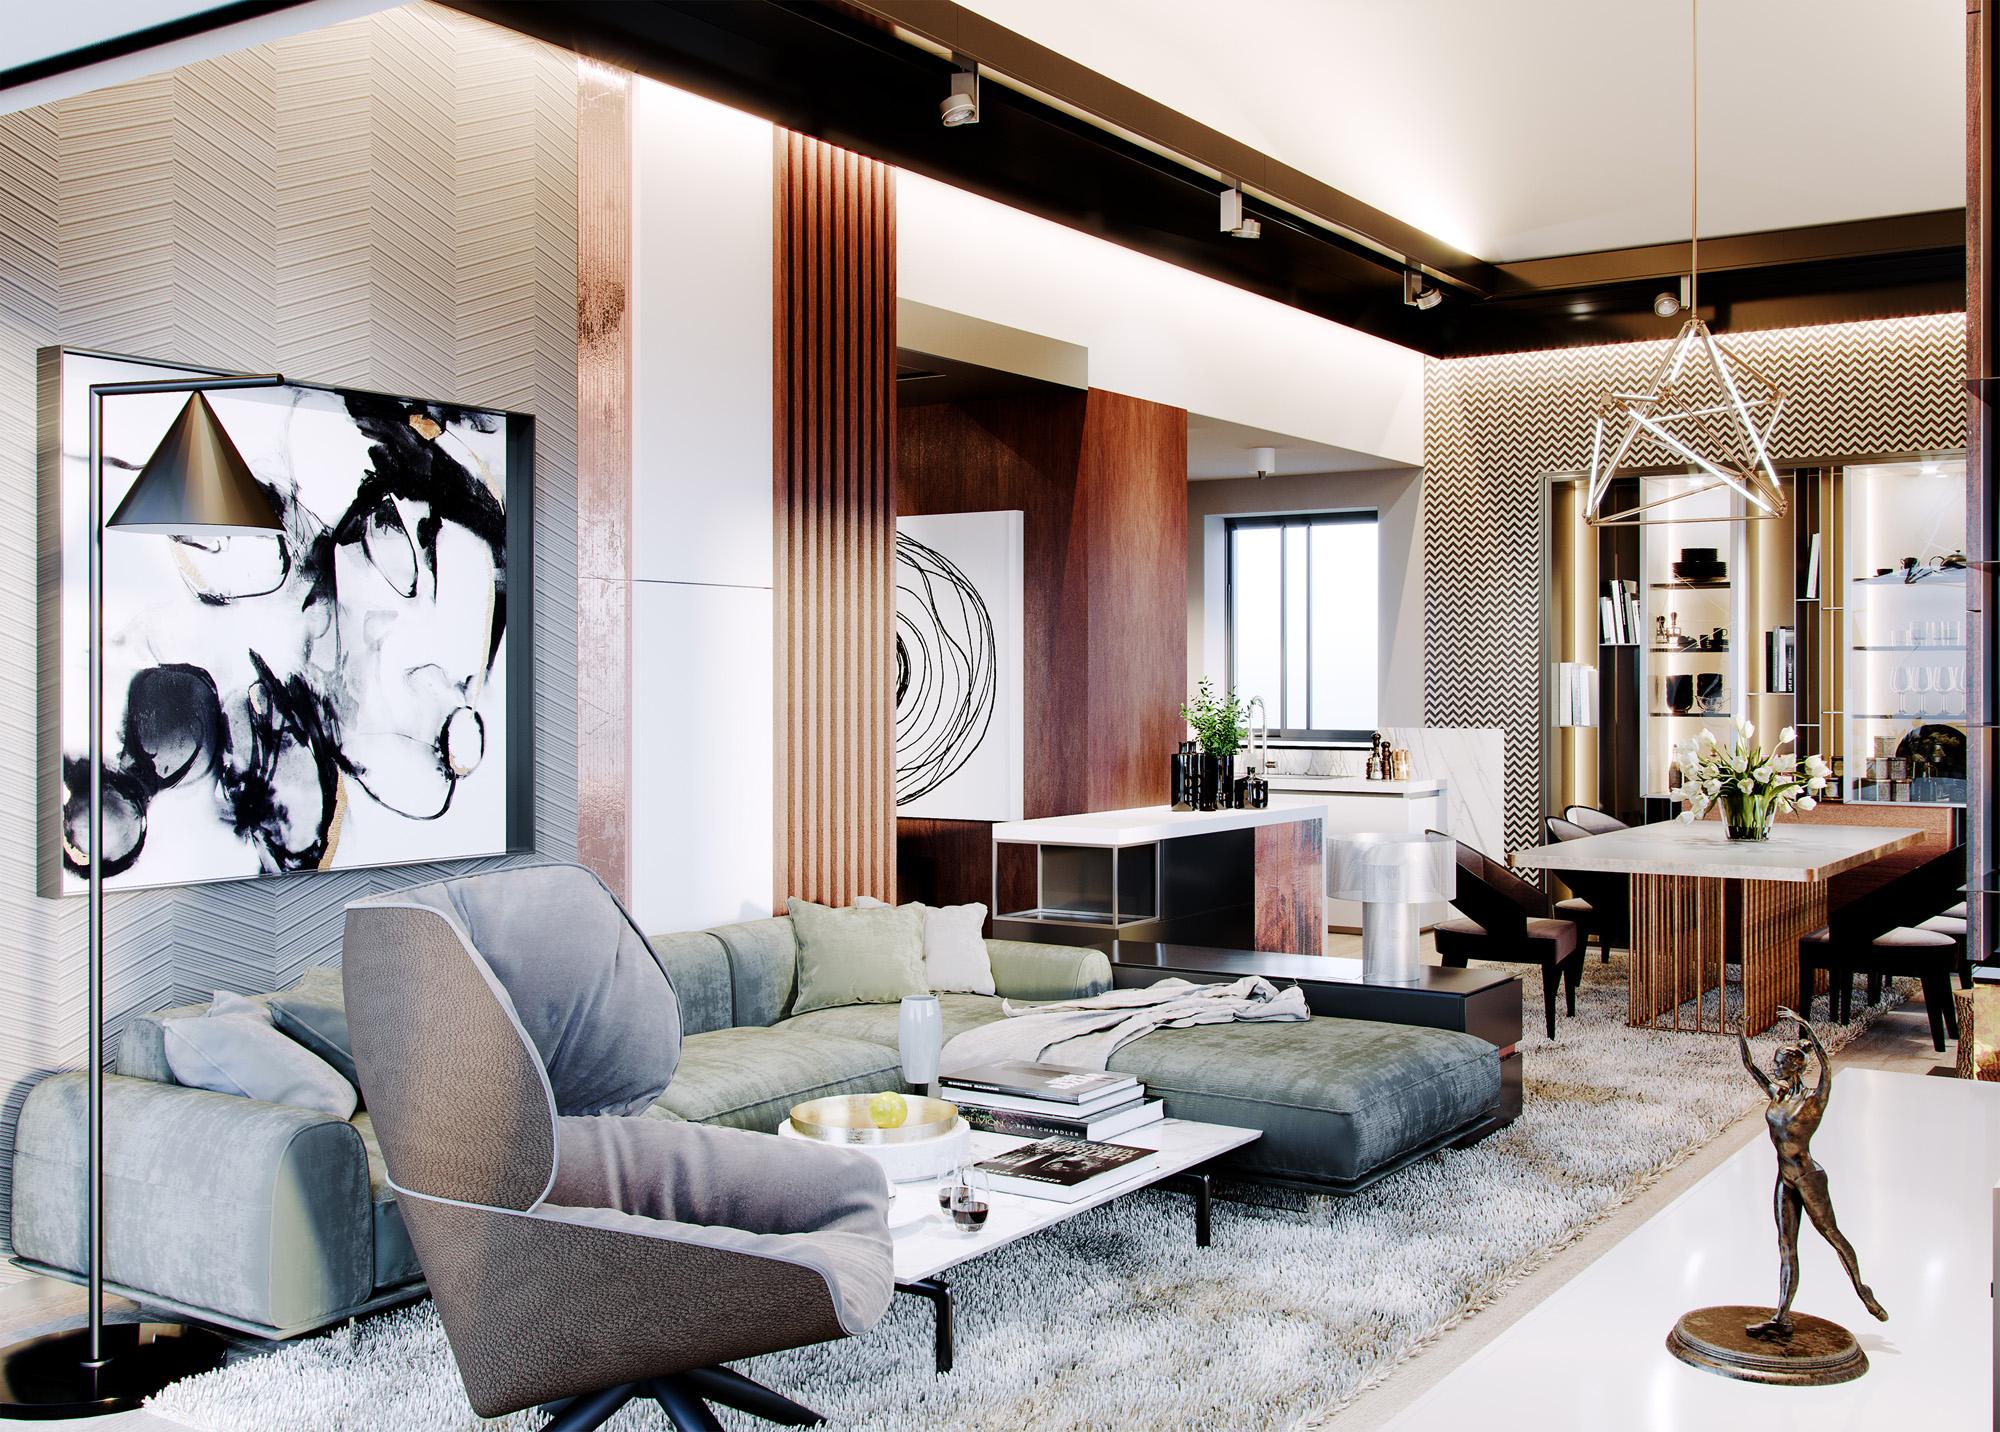 Luxury Interior design studio FMDESIGN